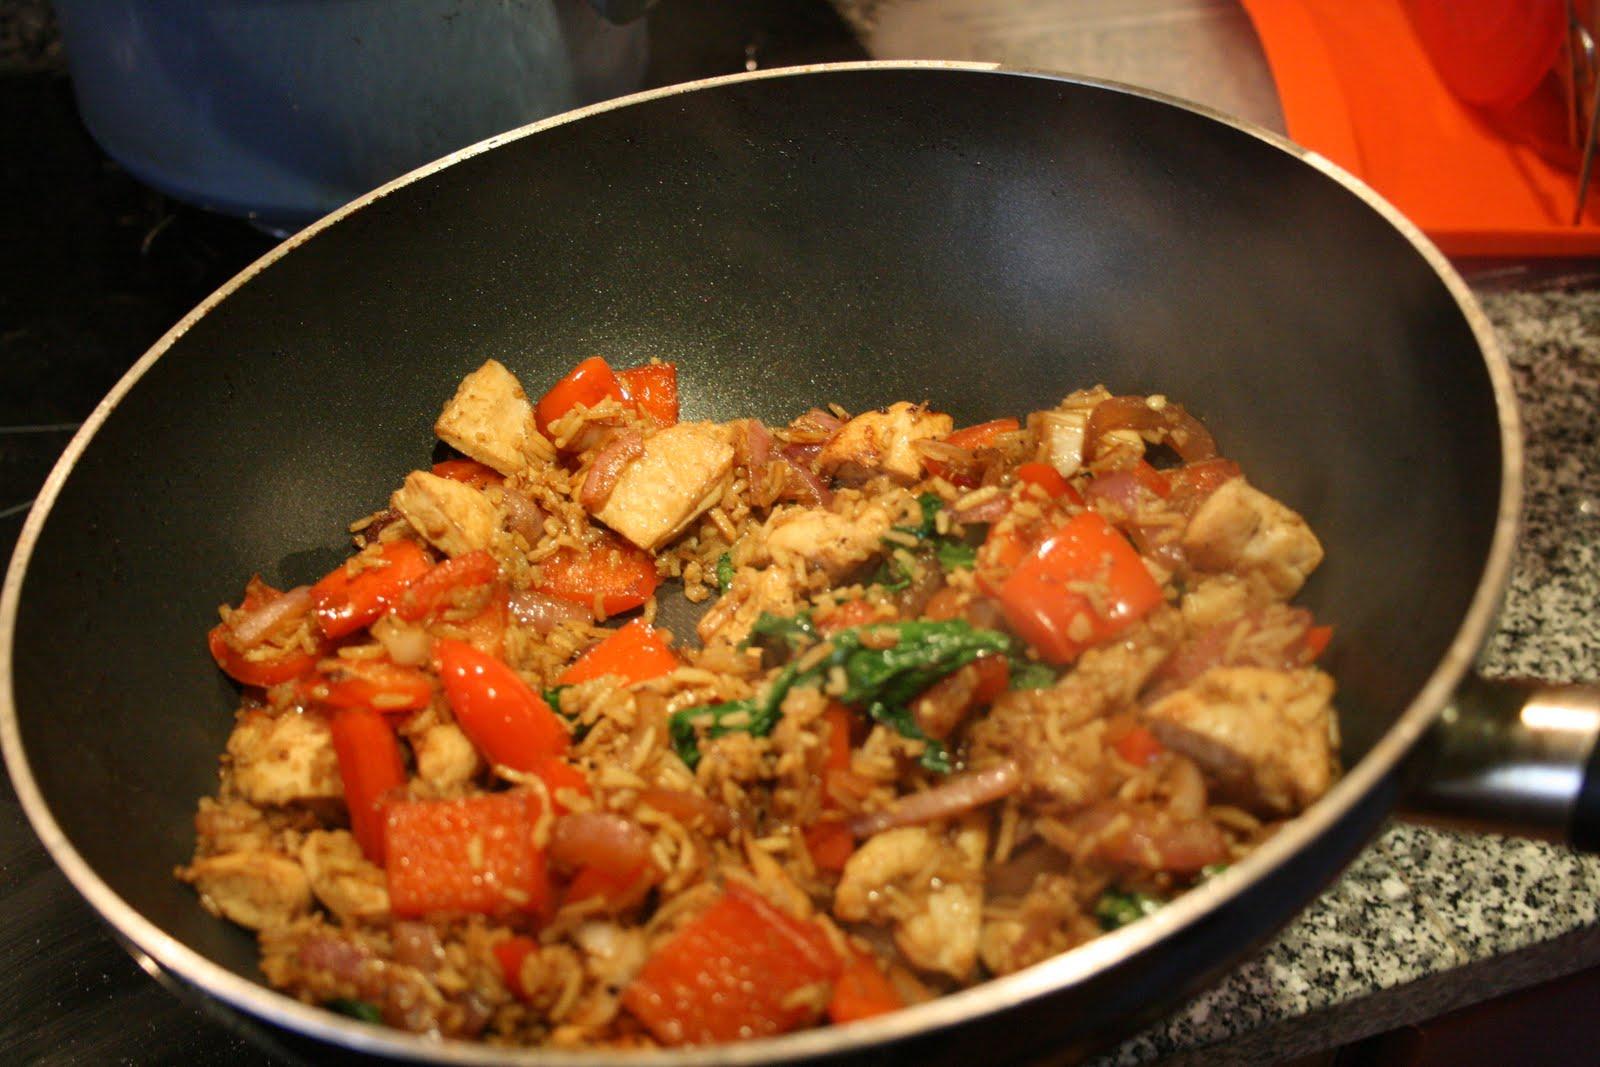 Pollo con arroz al wok receta para wok recetas de cocina for Cocinar wok